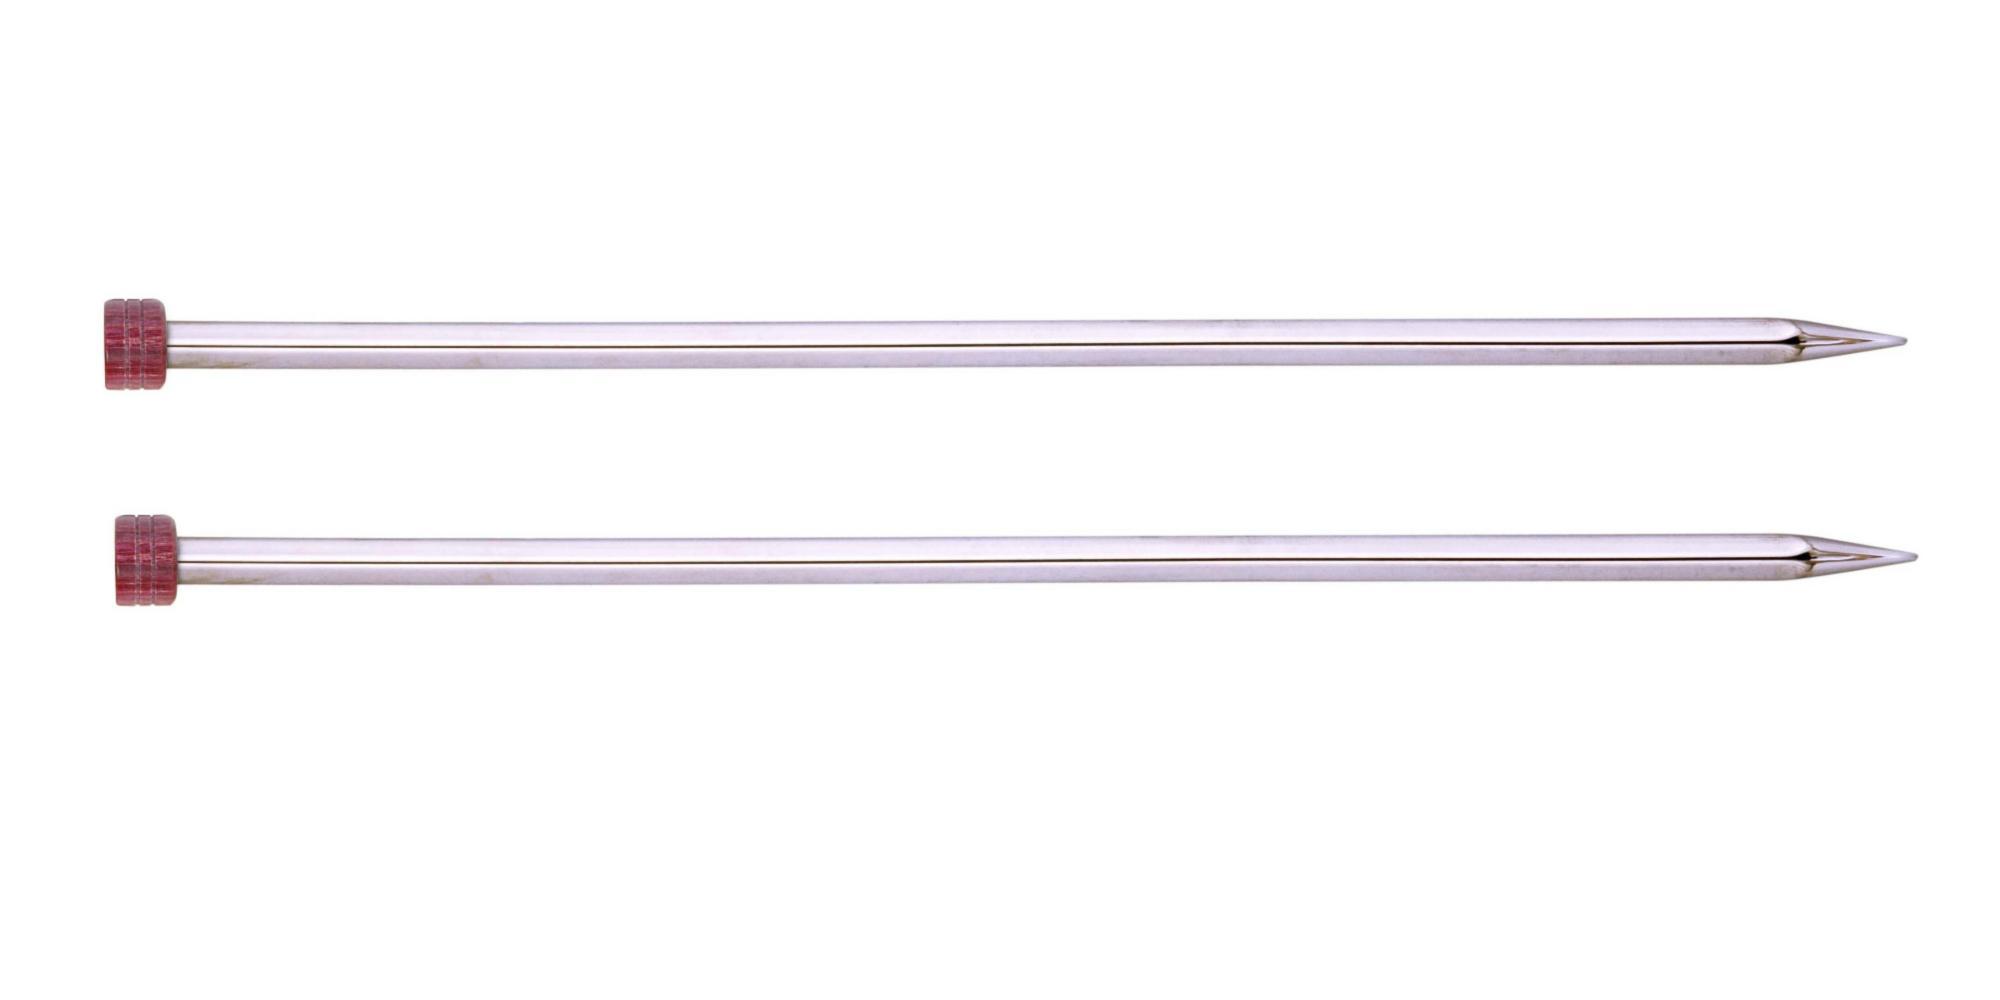 Спицы прямые 30 см Nova Cubics KnitPro, 12273, 3.00 мм